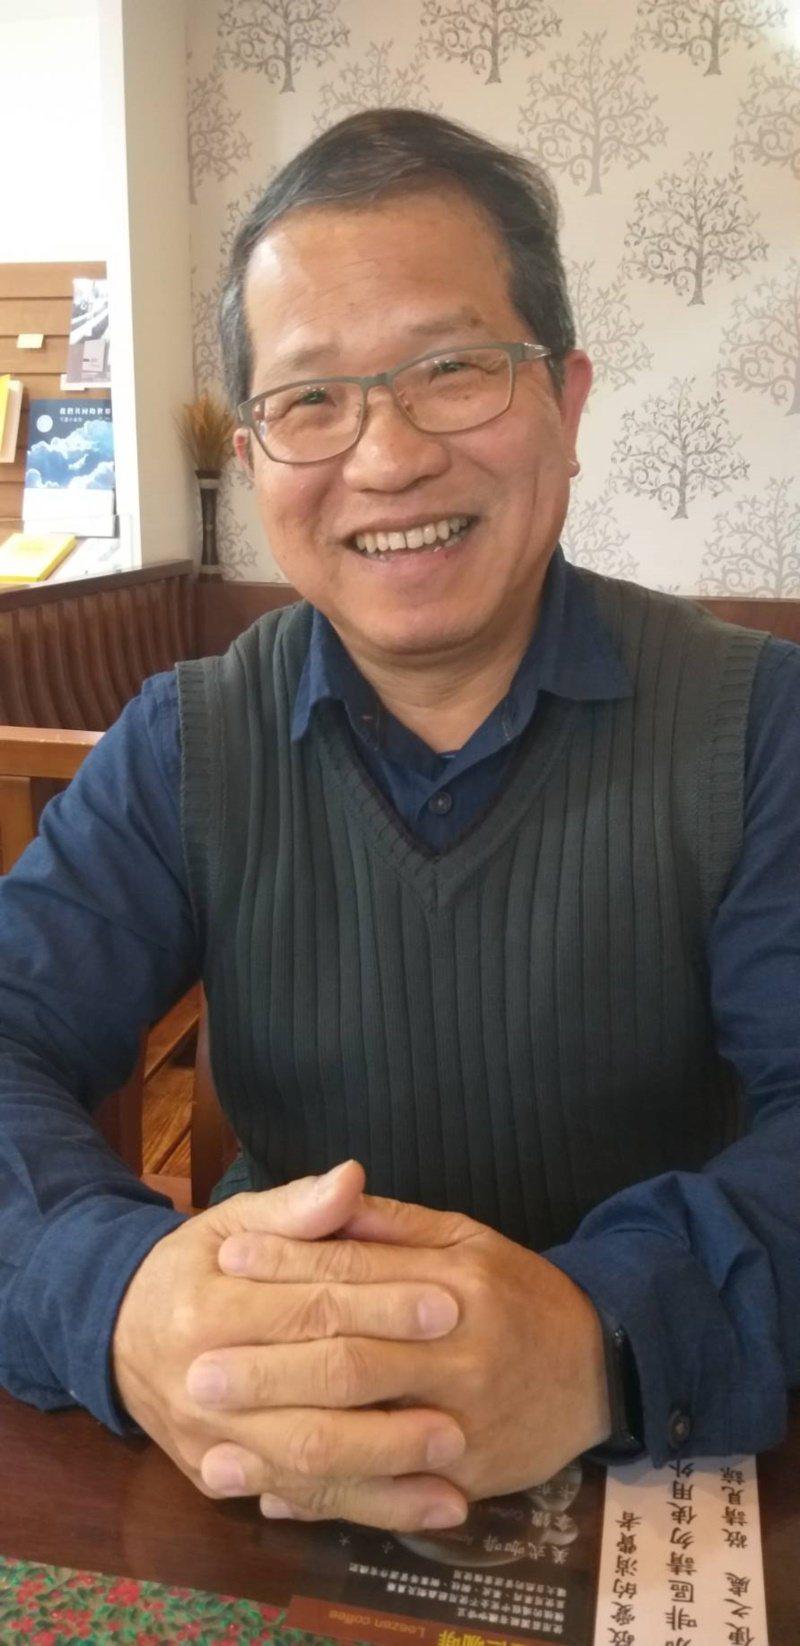 基隆市退休國小校長楊熾瀧說,退休後時間管理分配很重要。 圖/邱瑞杰 攝影